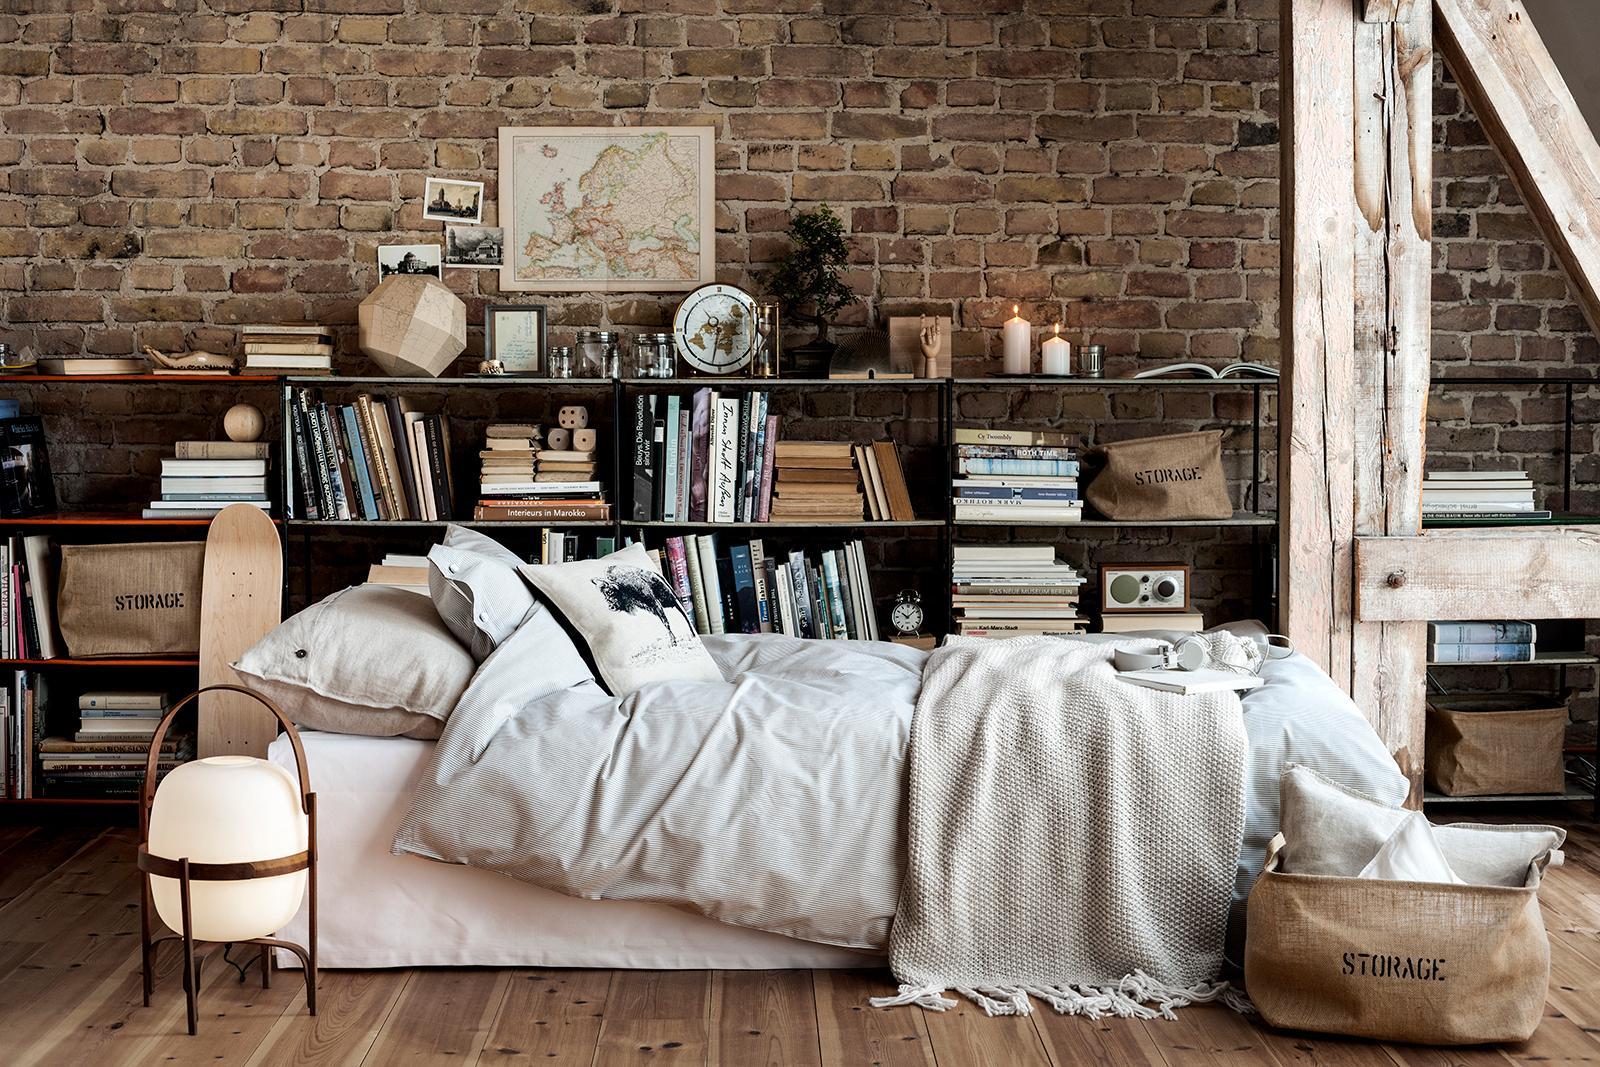 Rustikales Schlafzimmer rustikales schlafzimmer mit bücherwand dachbalken